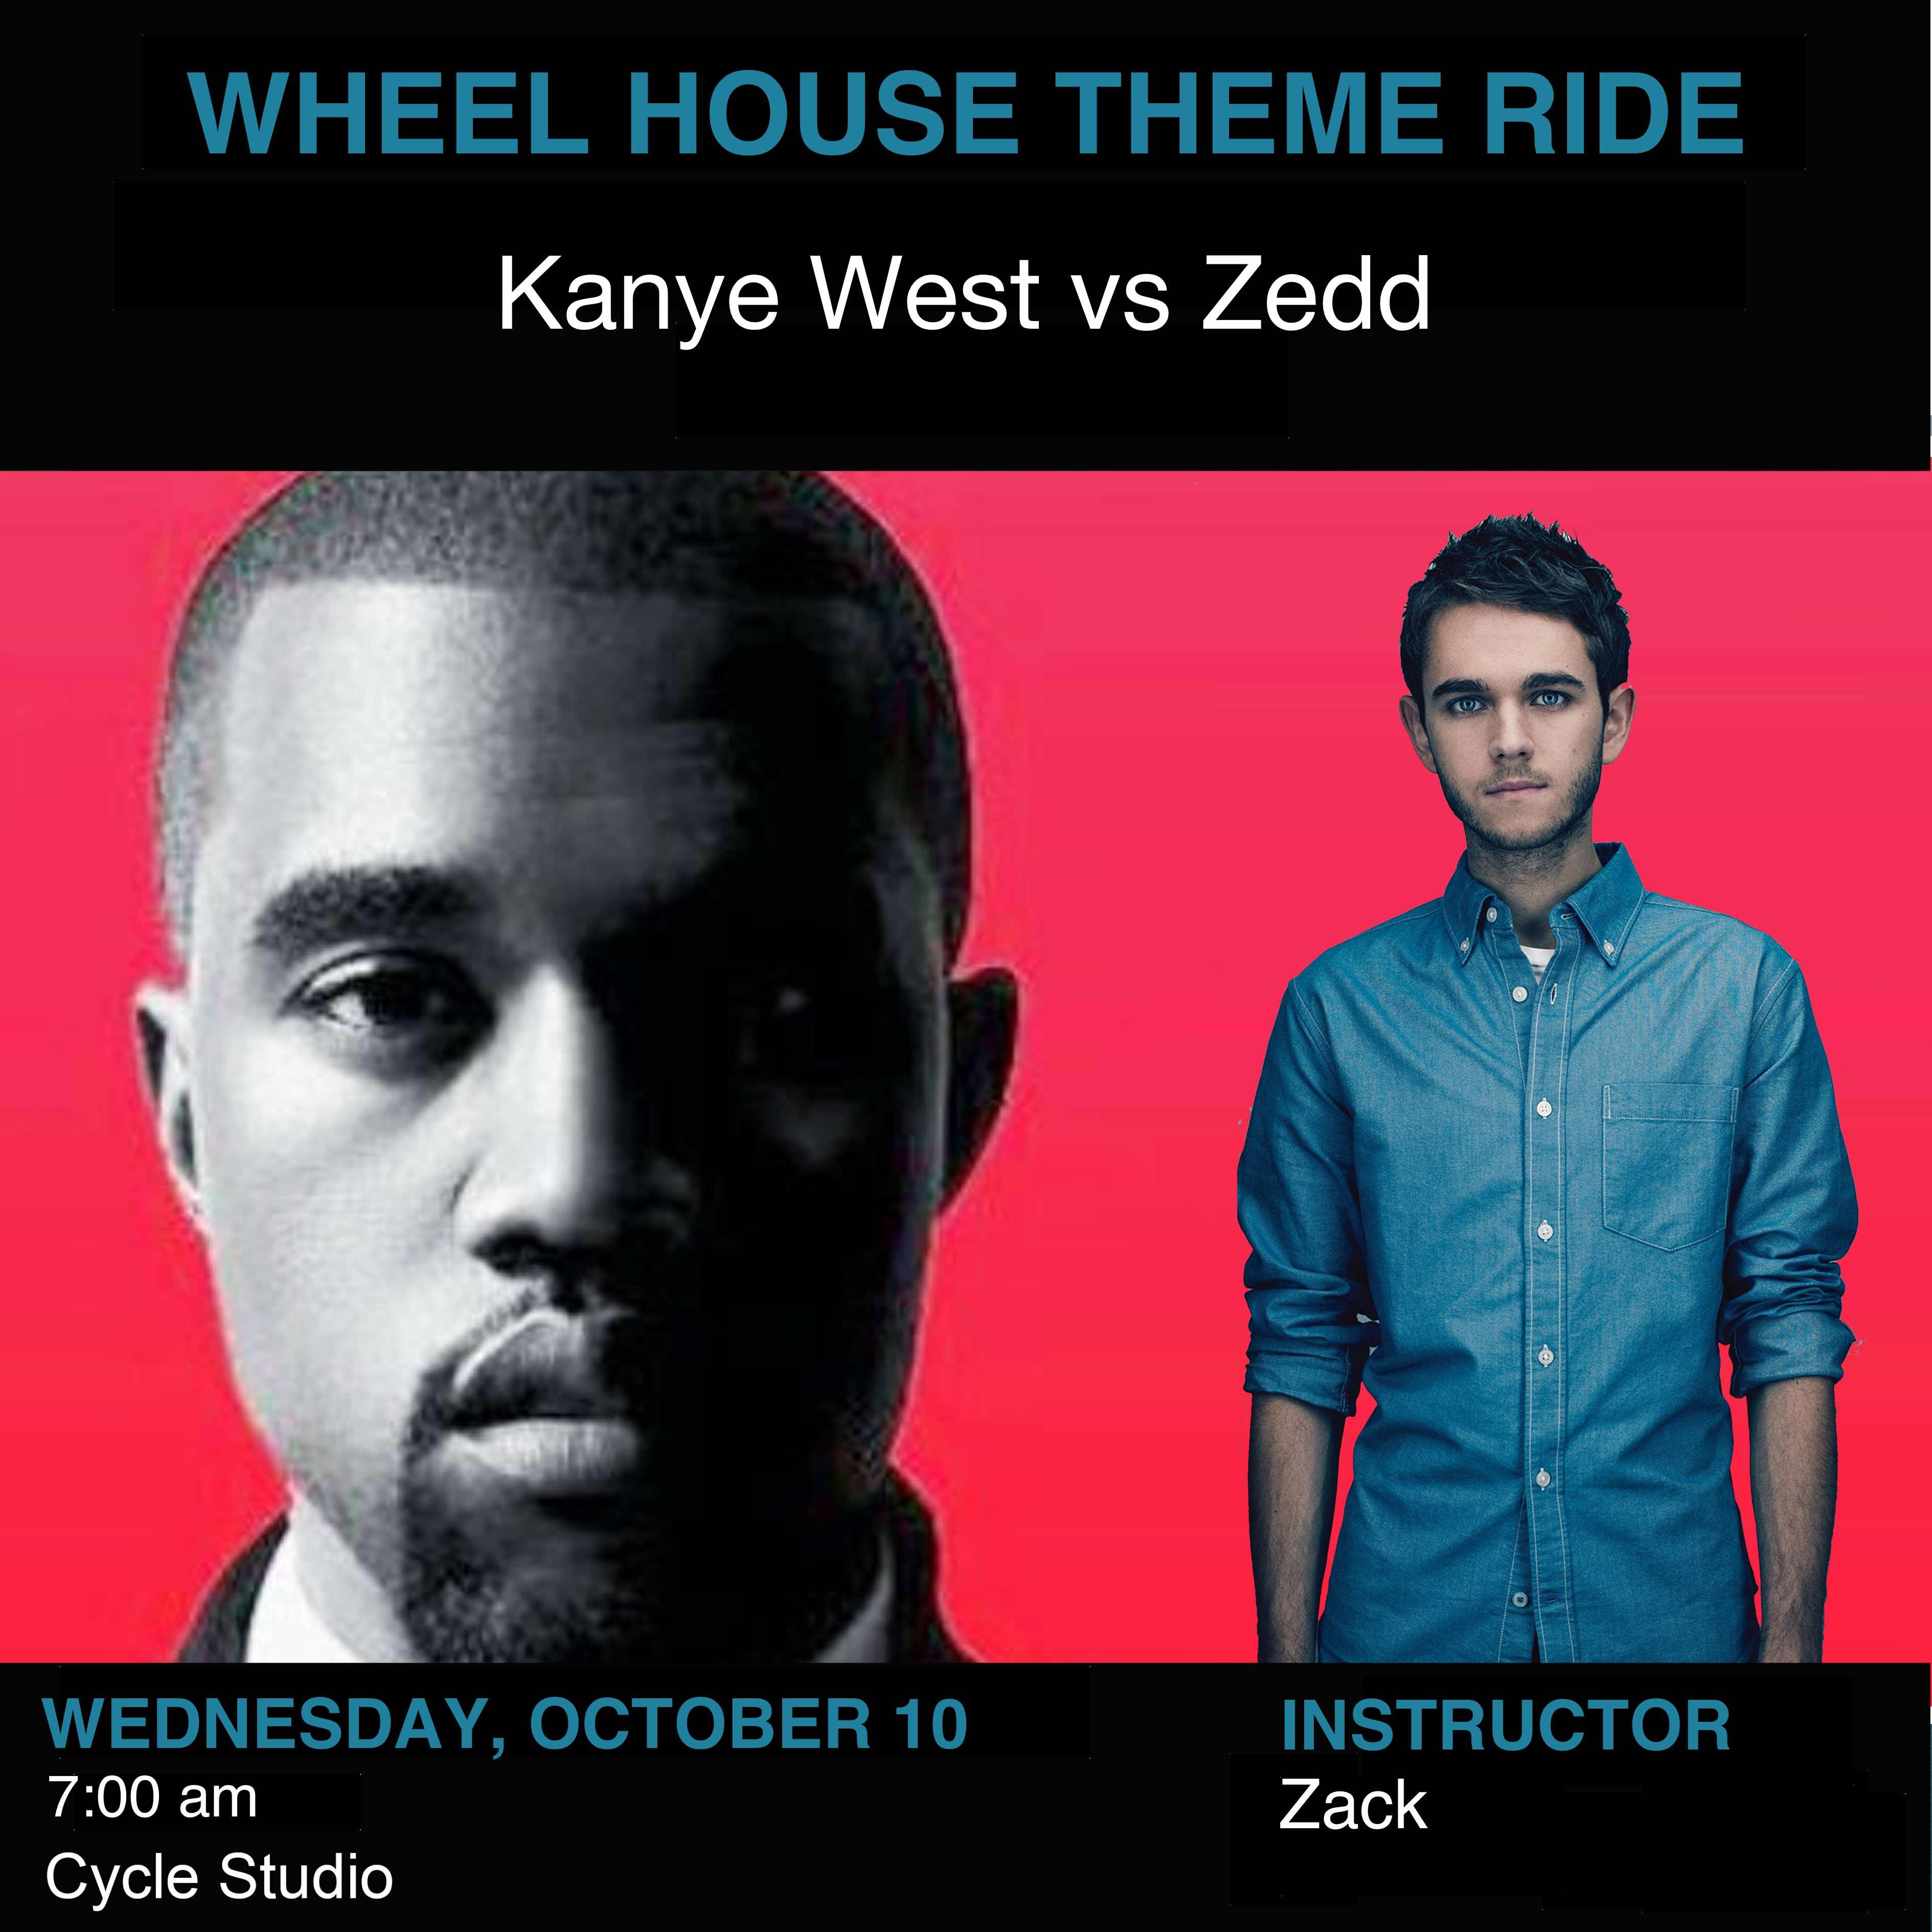 Kanye West vs Zedd